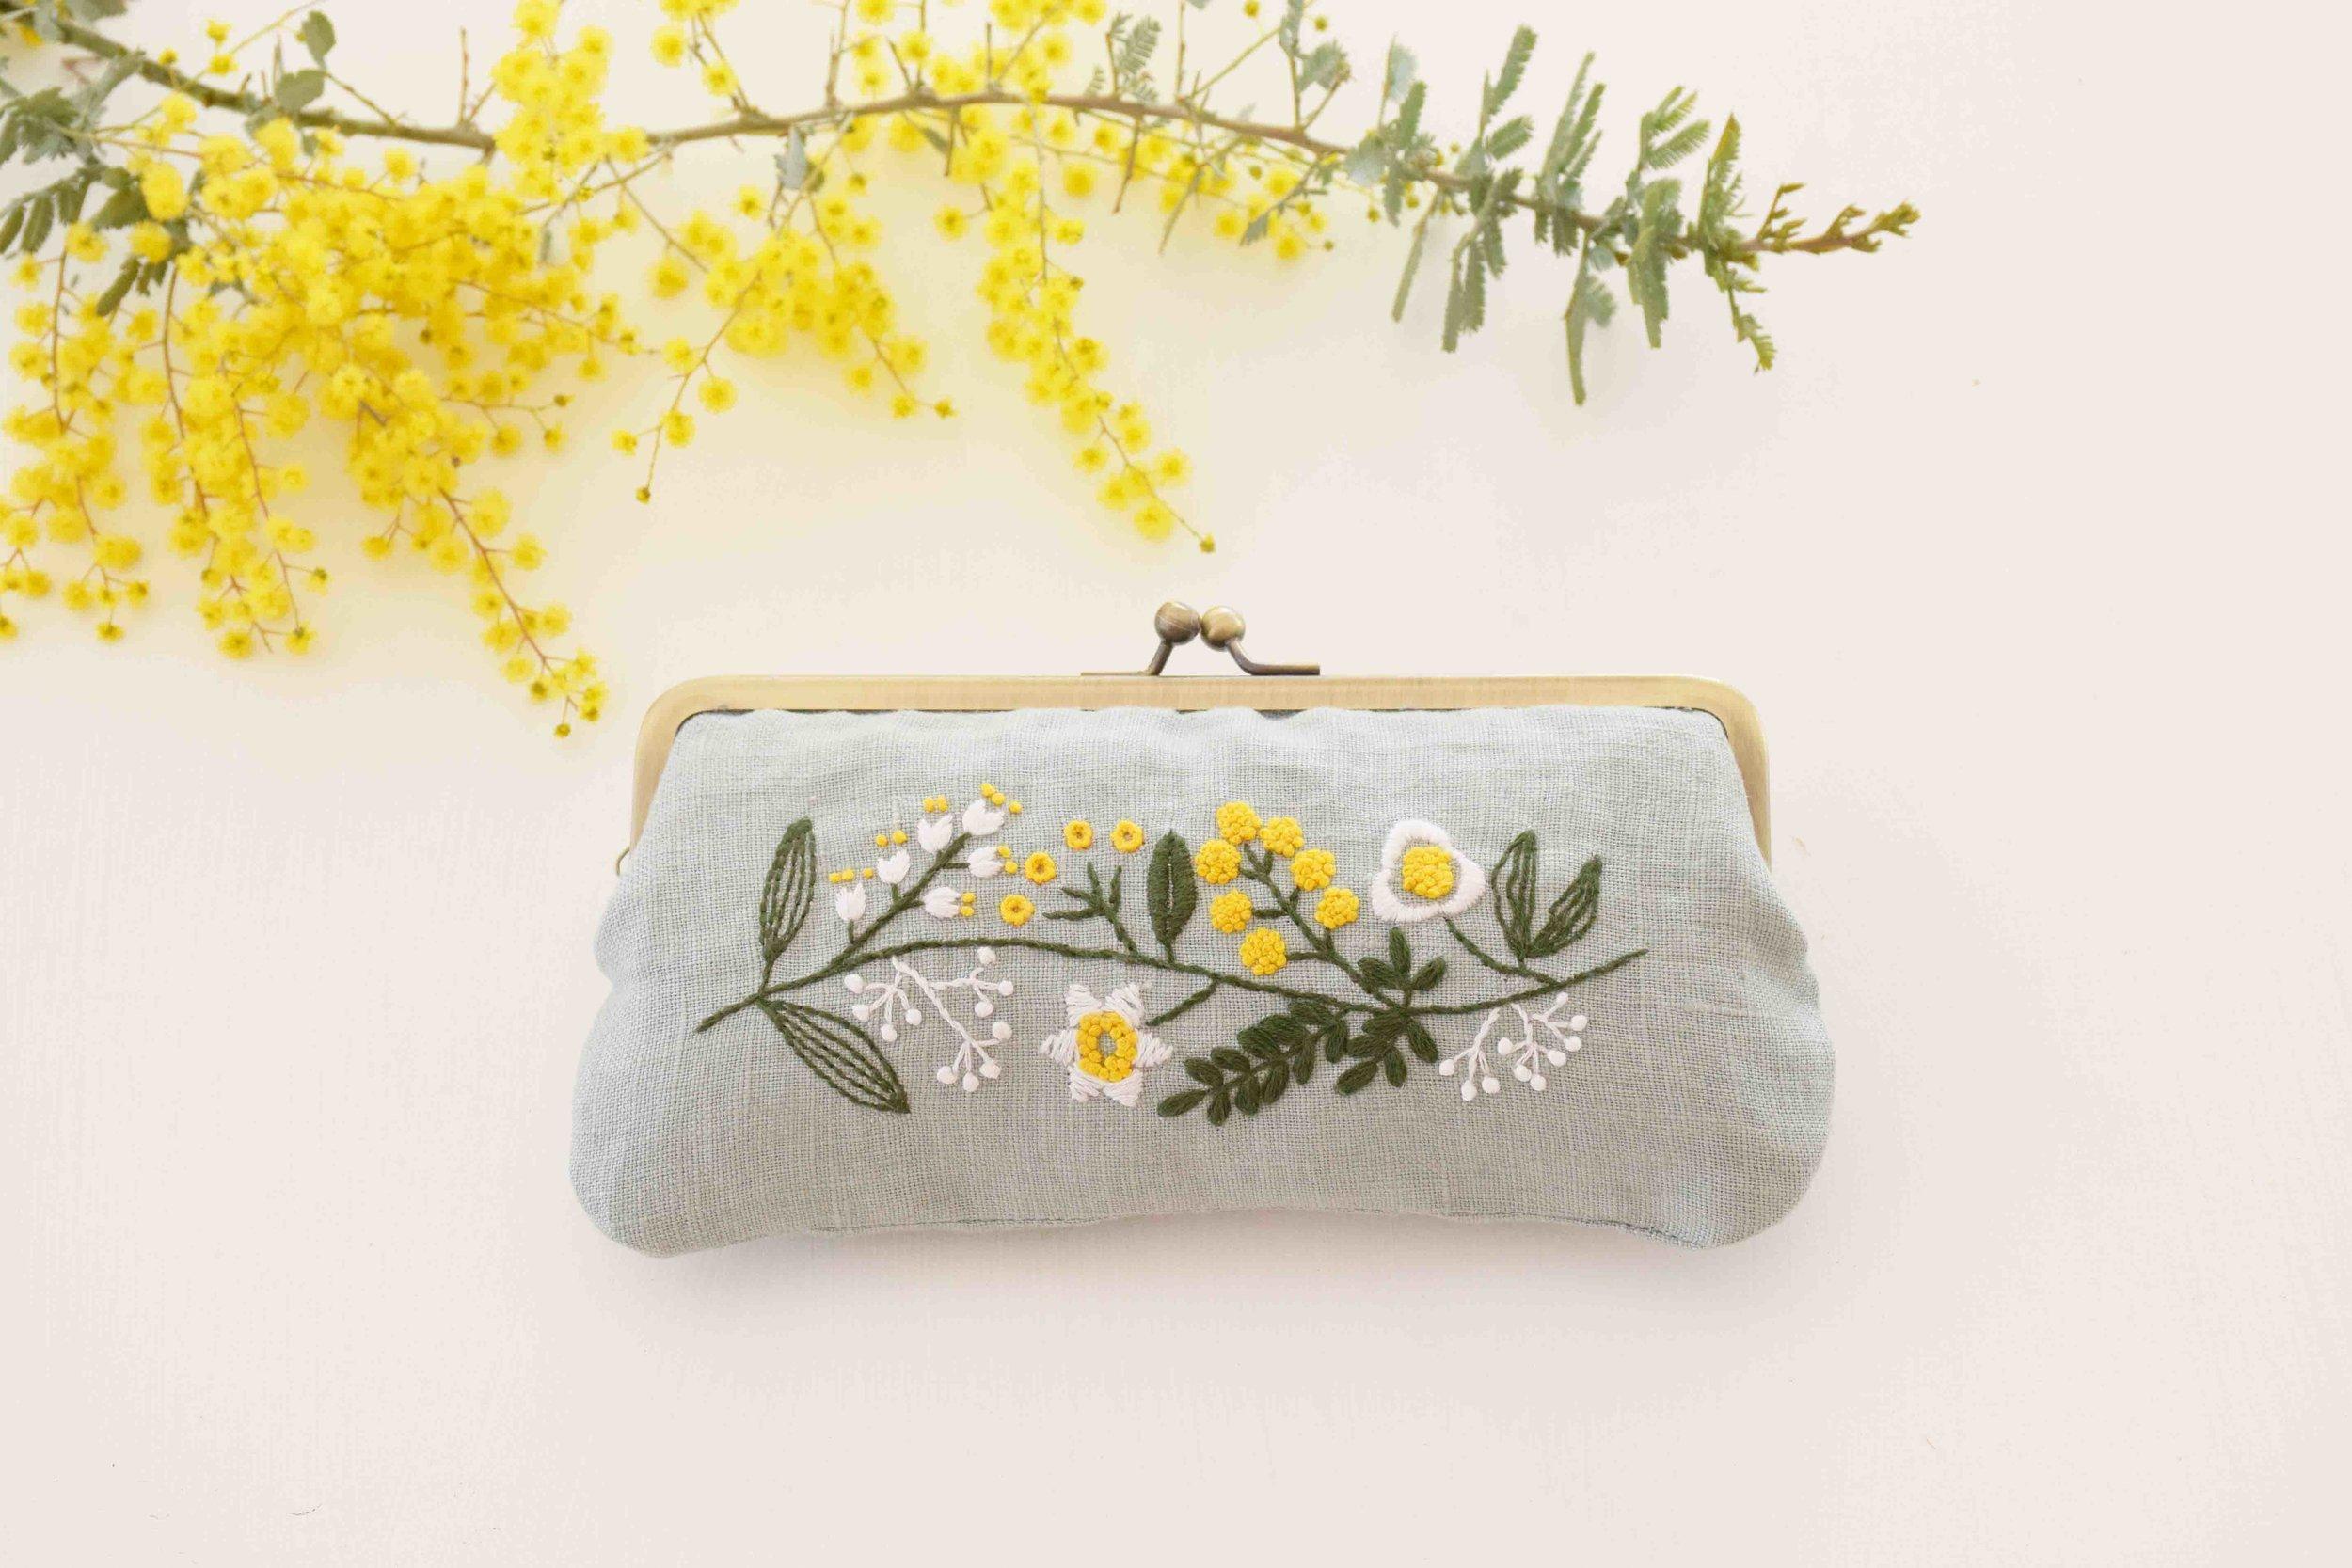 北欧伝統手芸 草花 刺繍 がま口 ポーチ